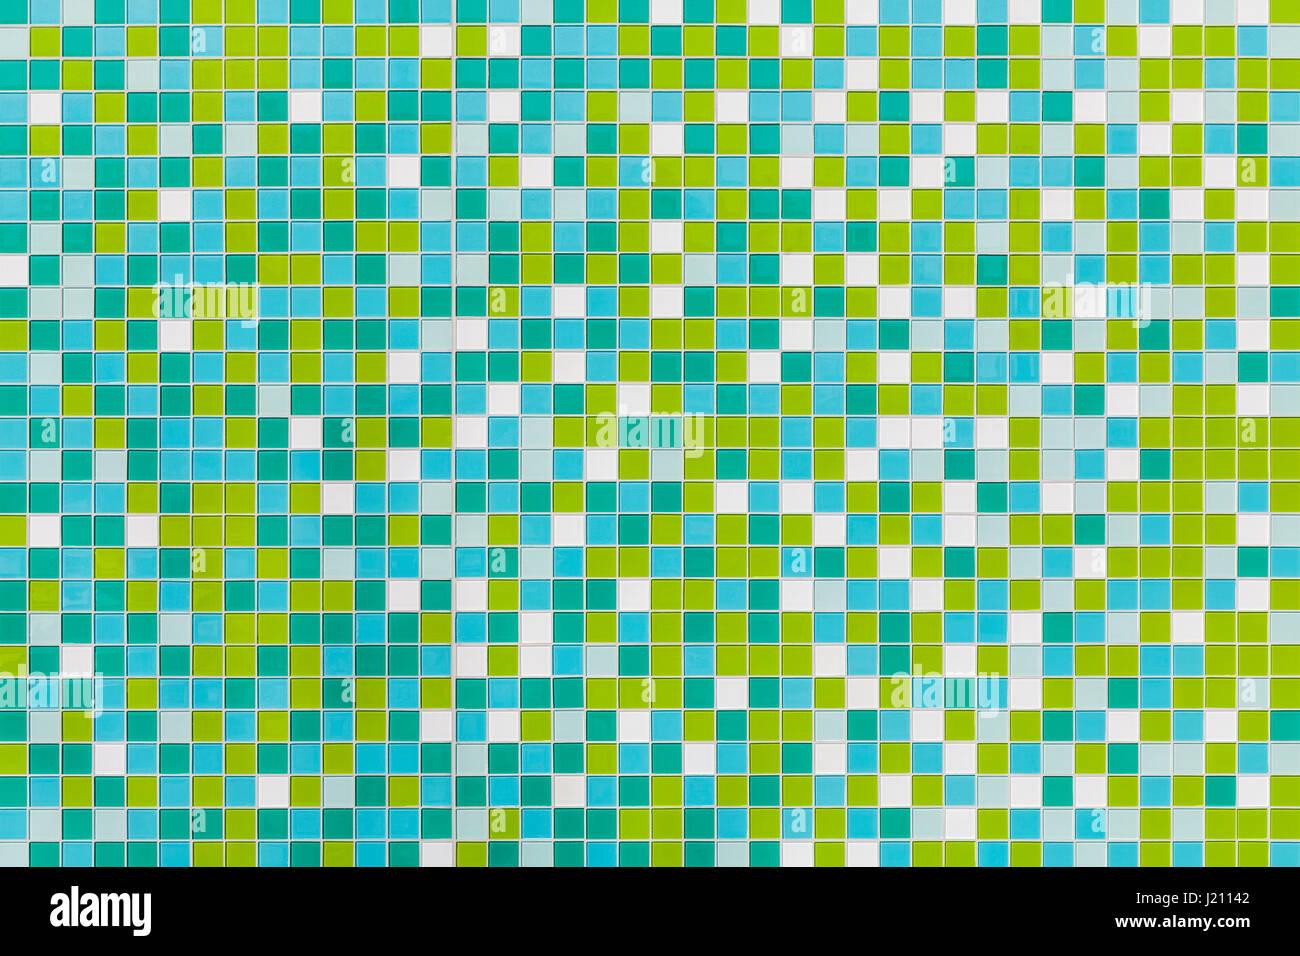 Free Glasmosaik Mosaik Glas Glasflisen Fliesen Muster Quadrat Studio With  Glasmosaik.